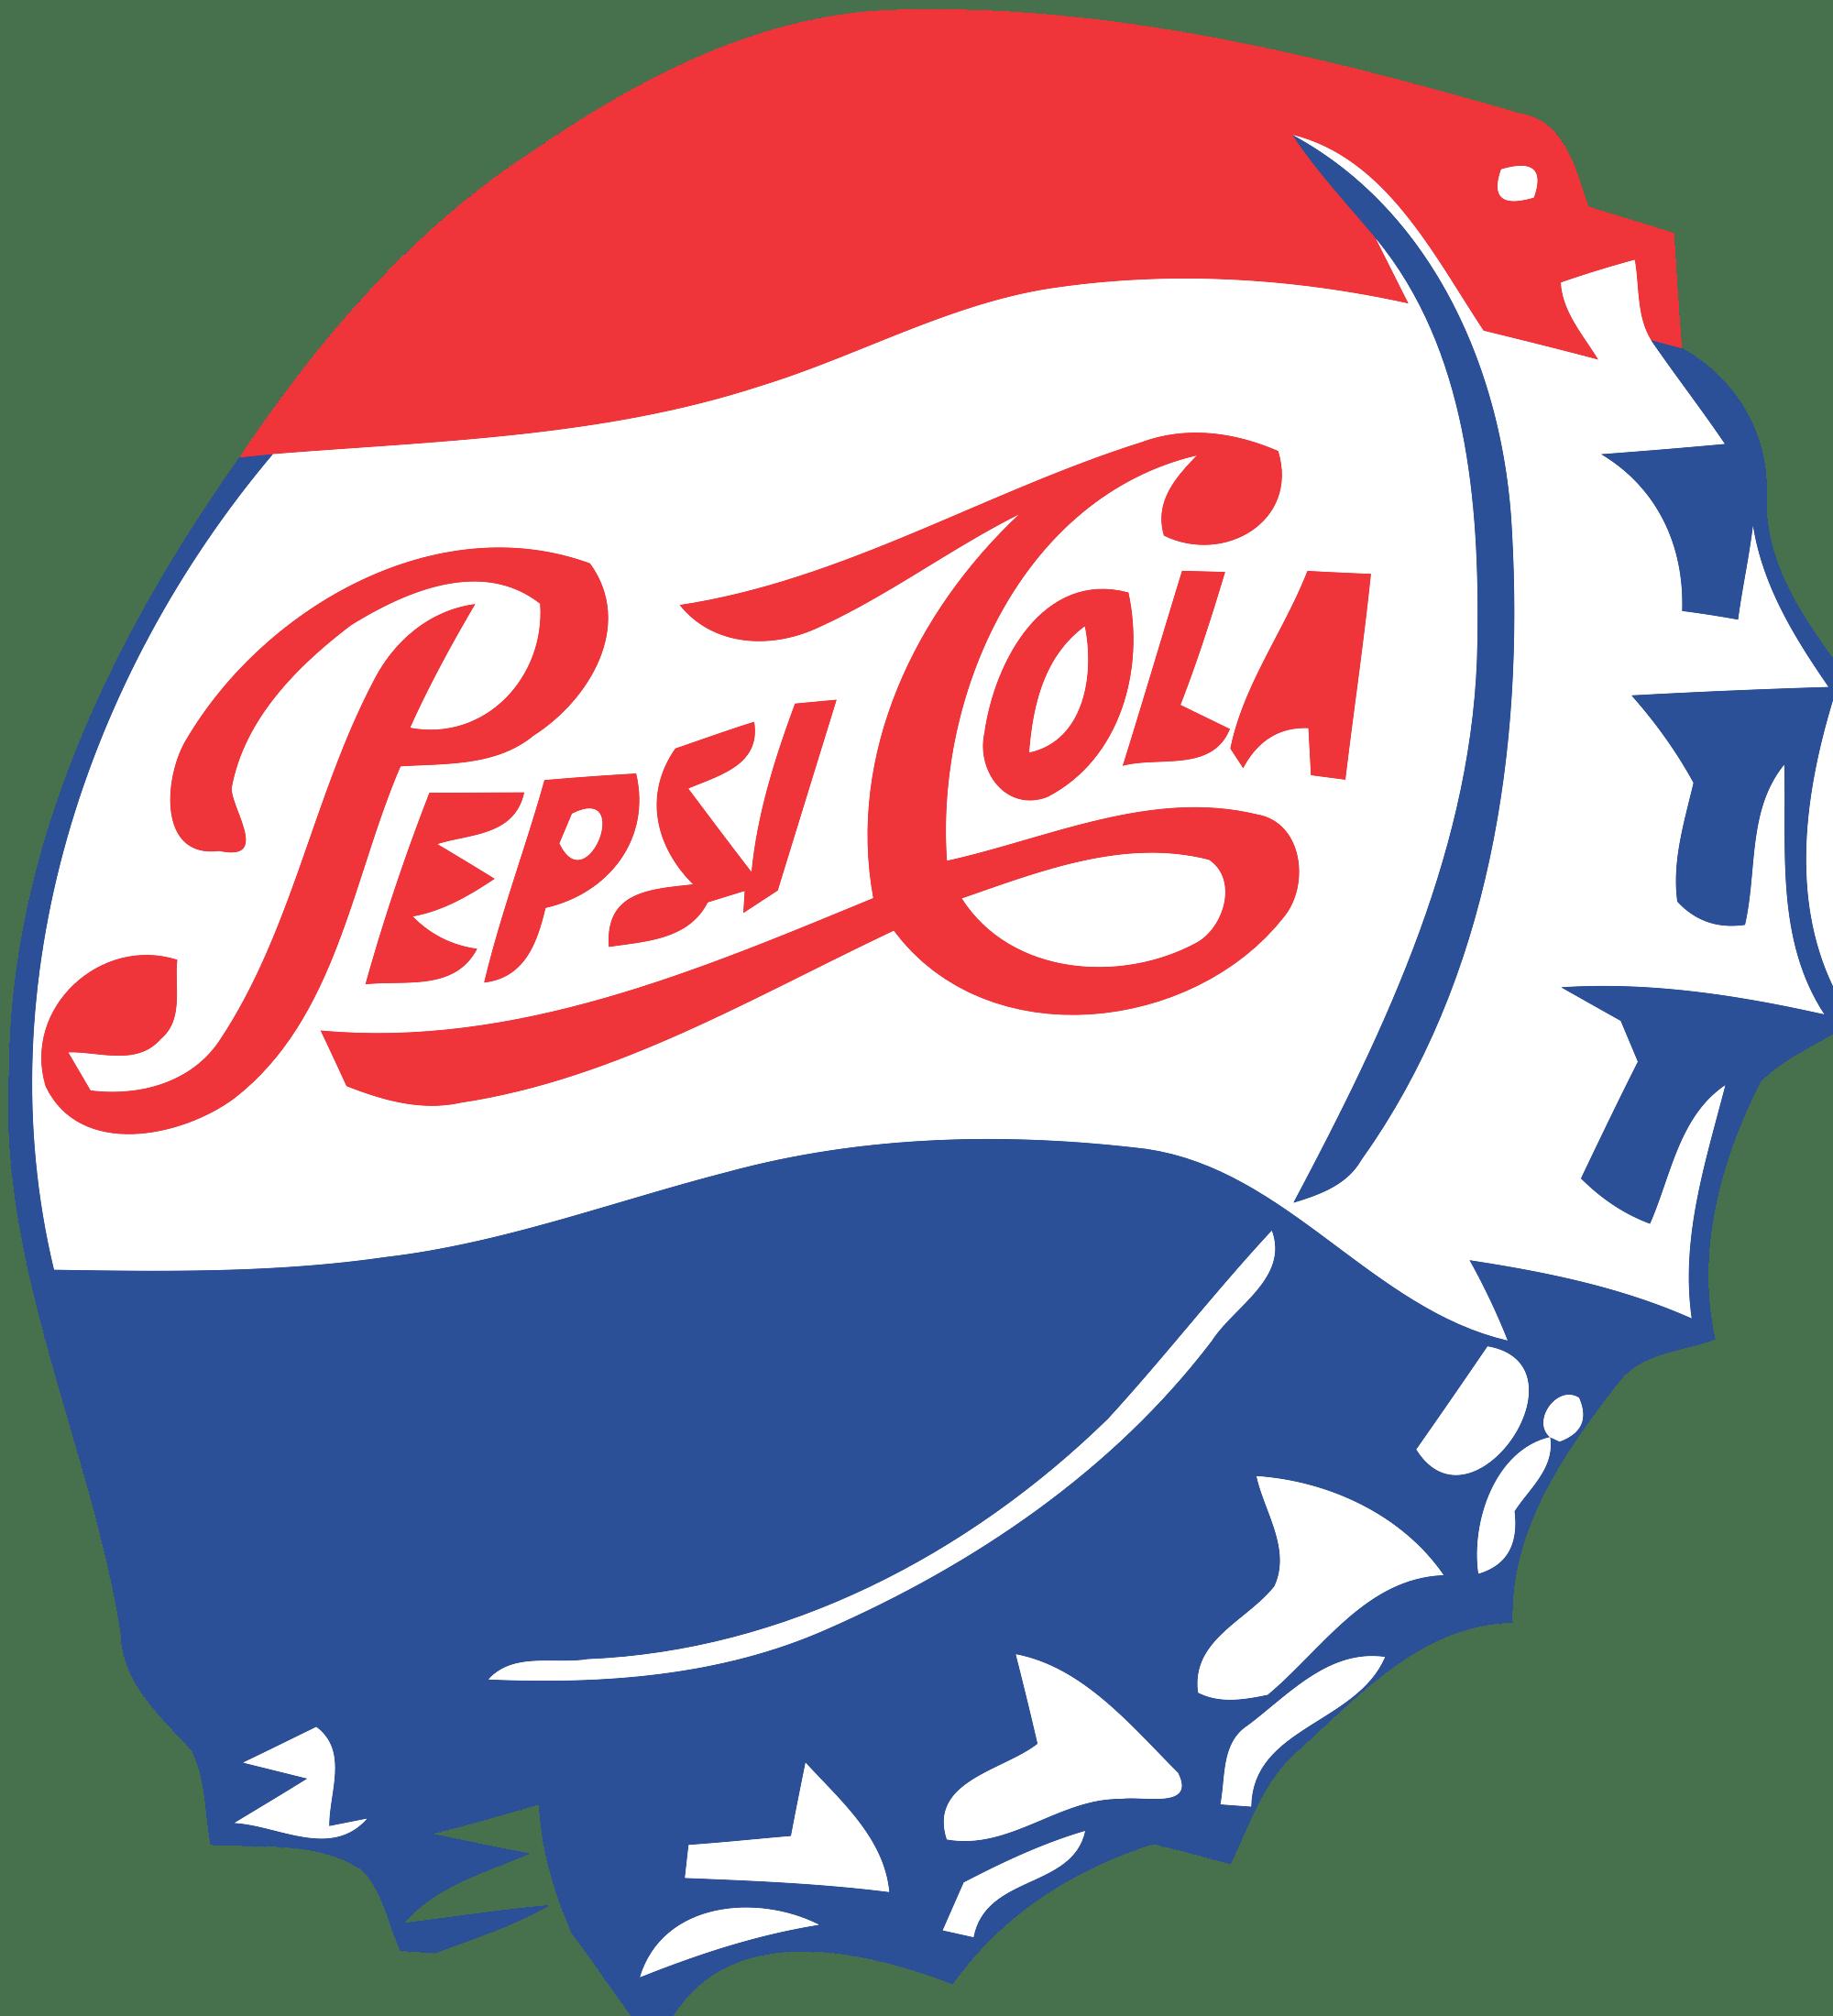 Pepsi PNG - 23684